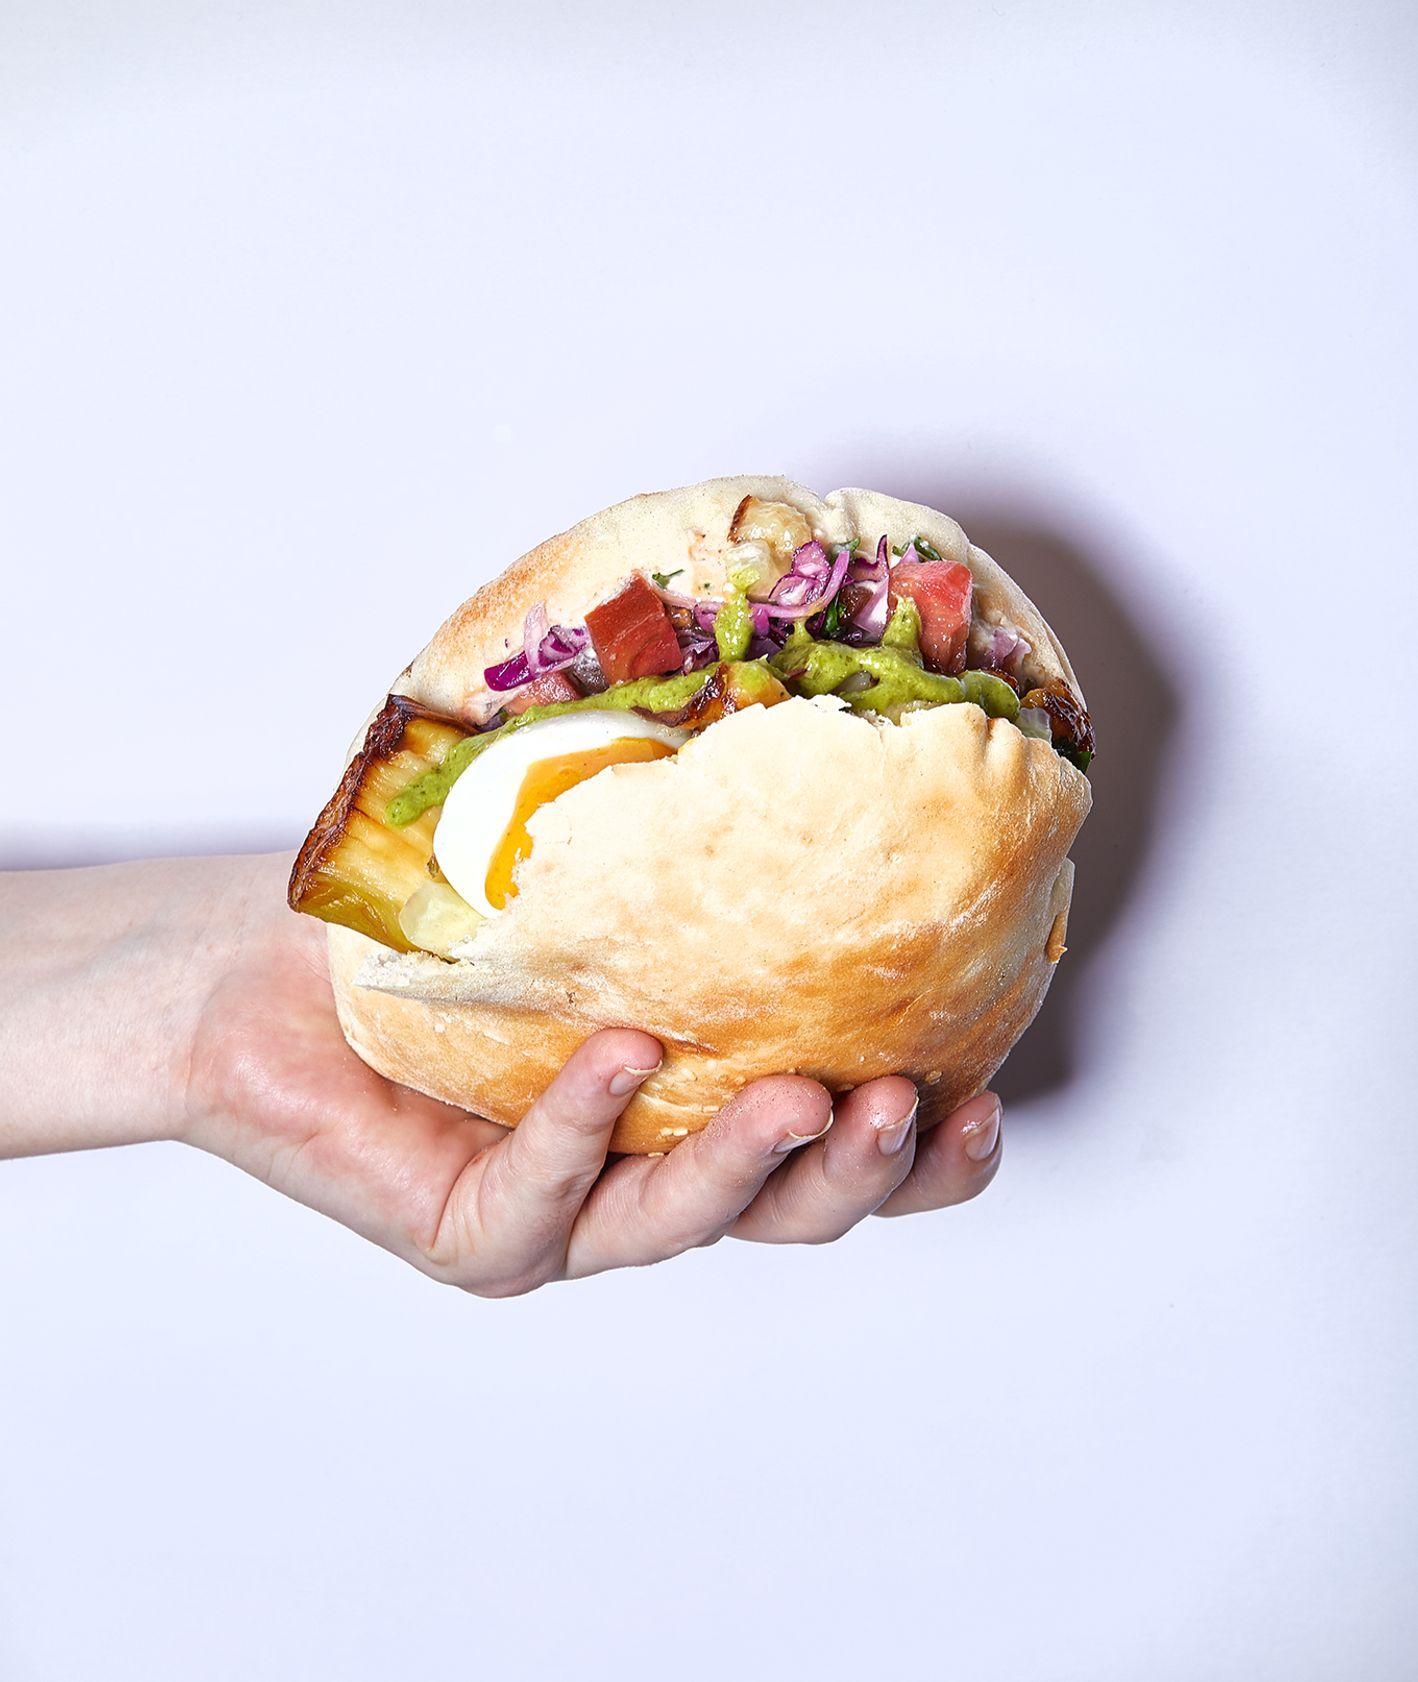 Bliskowschodnia kanapka z jajkiem, smażonym bakłażanem, piklami i salsa zhoug - SABICH (fot. Maciek Niemojewski)